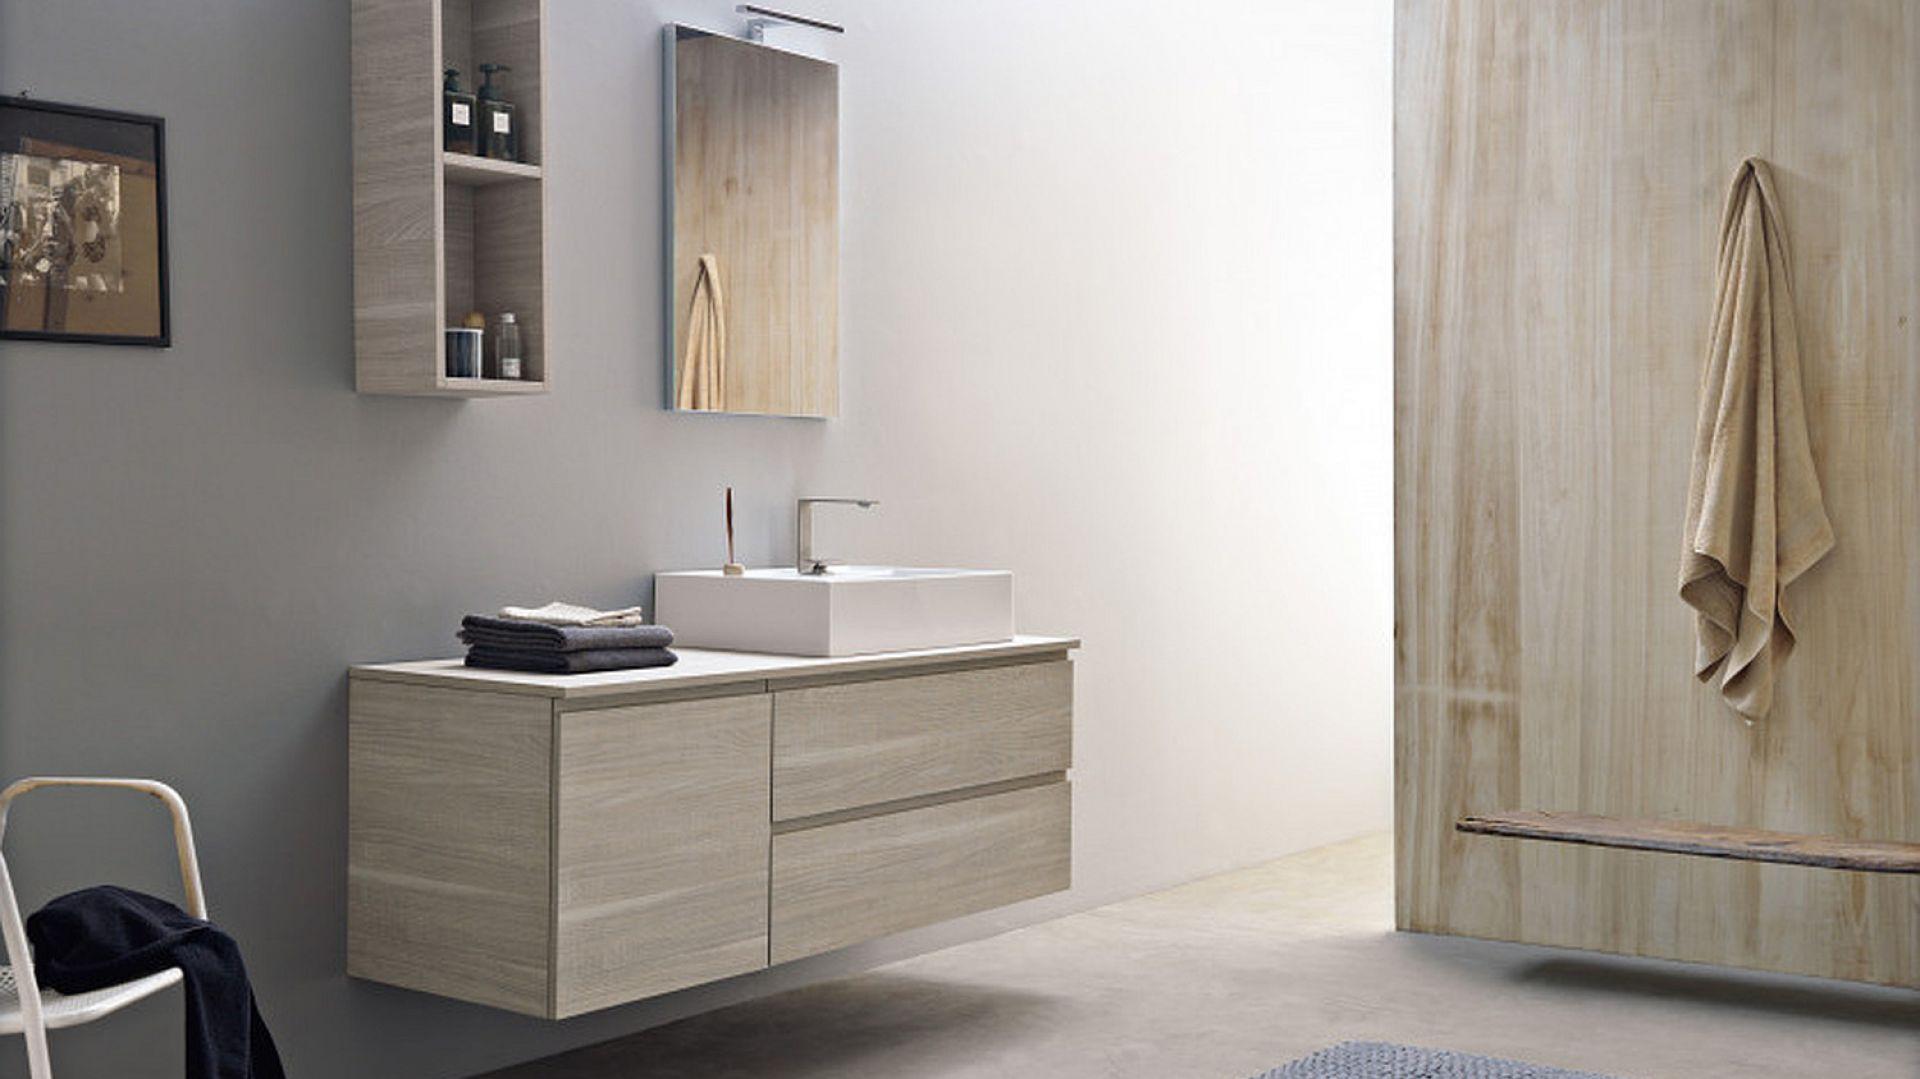 Meble łazienkowe z kolekcji Phorma dostępne w ofercie firmy Scarabeo Ceramiche. Fot. Scarabeo Ceramiche